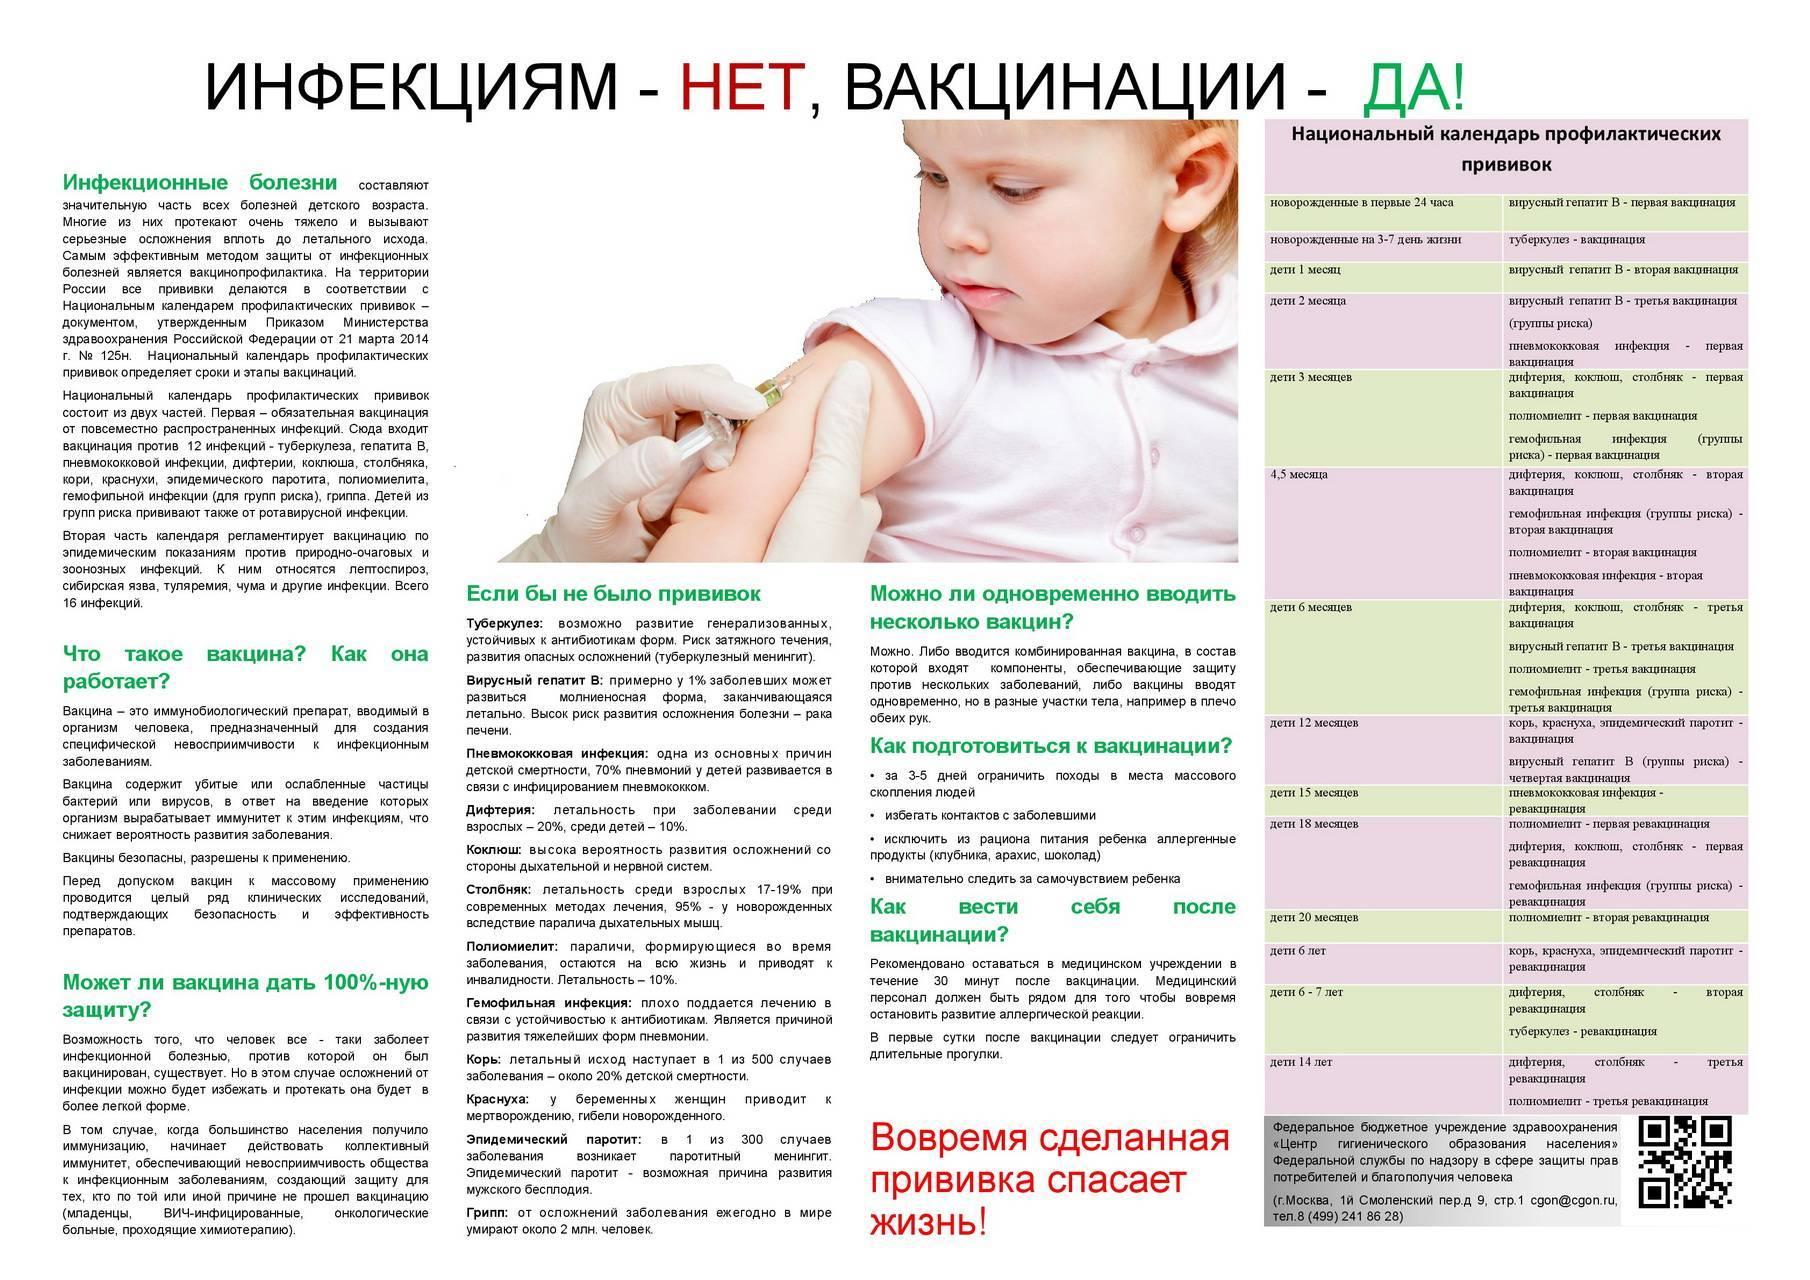 Гепатит b и вакцинация детей: необходимость или риск